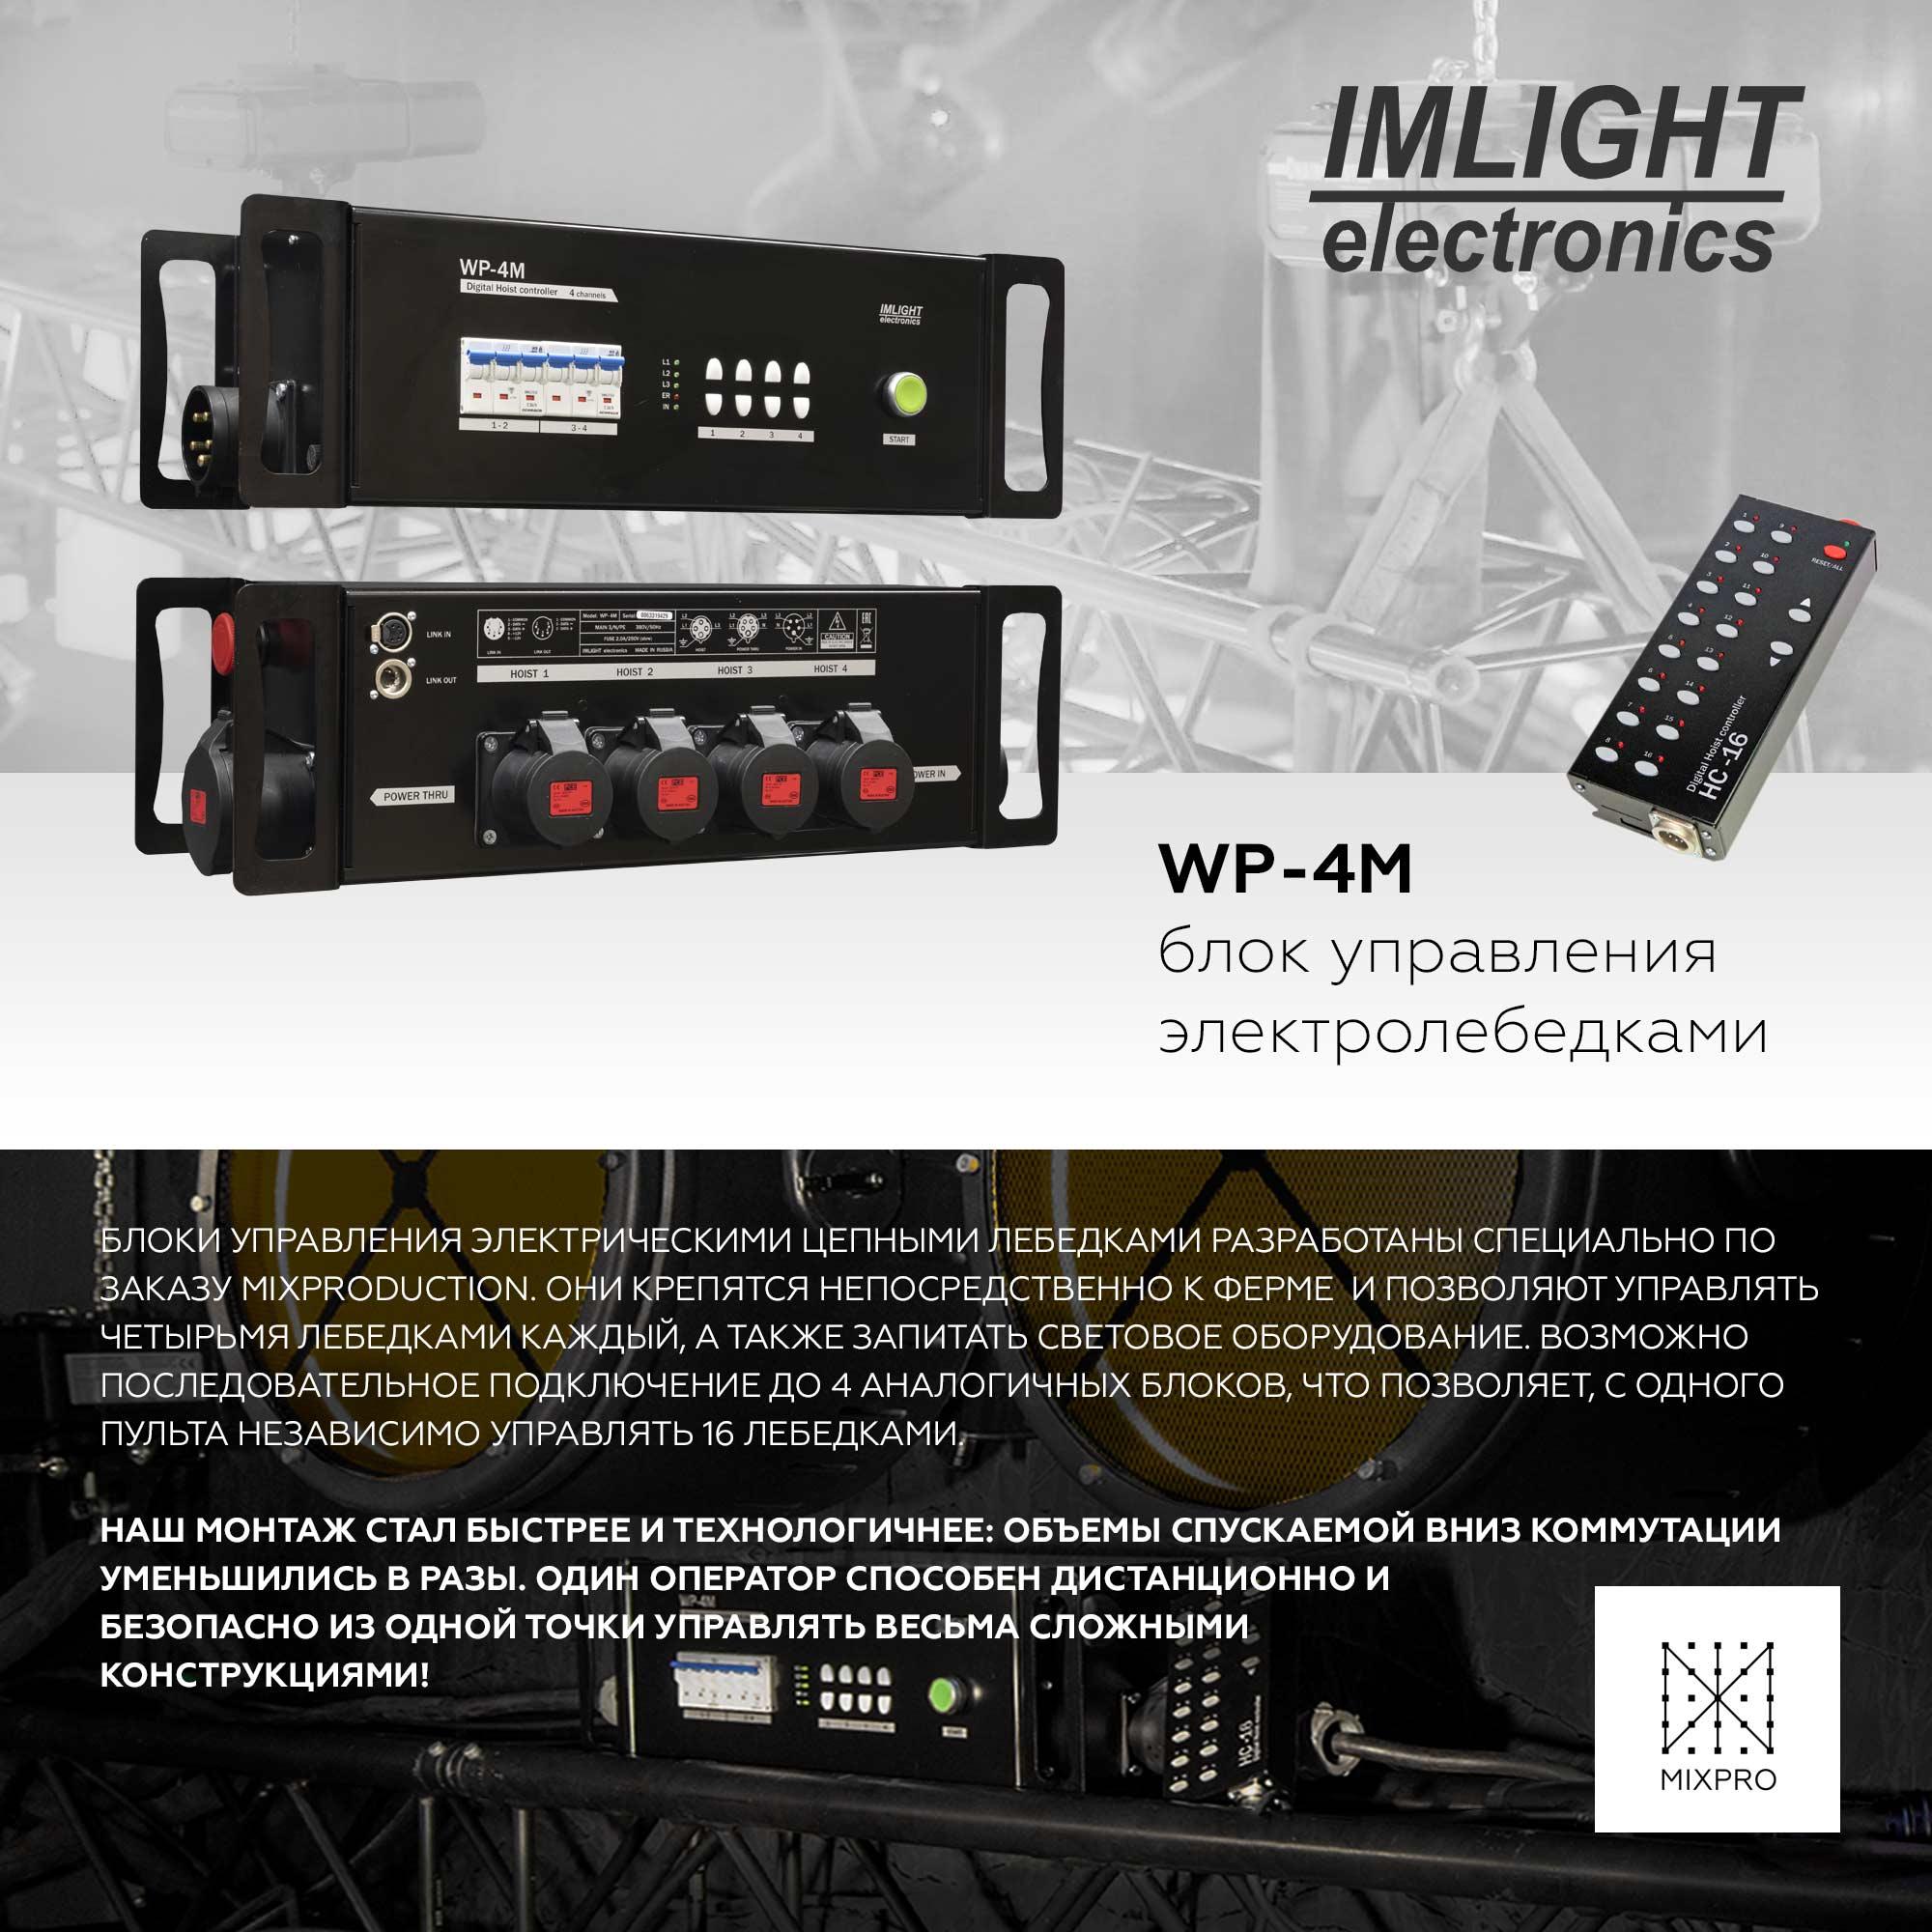 Блок управления цепными лебедками IMLIGHT WP-4M